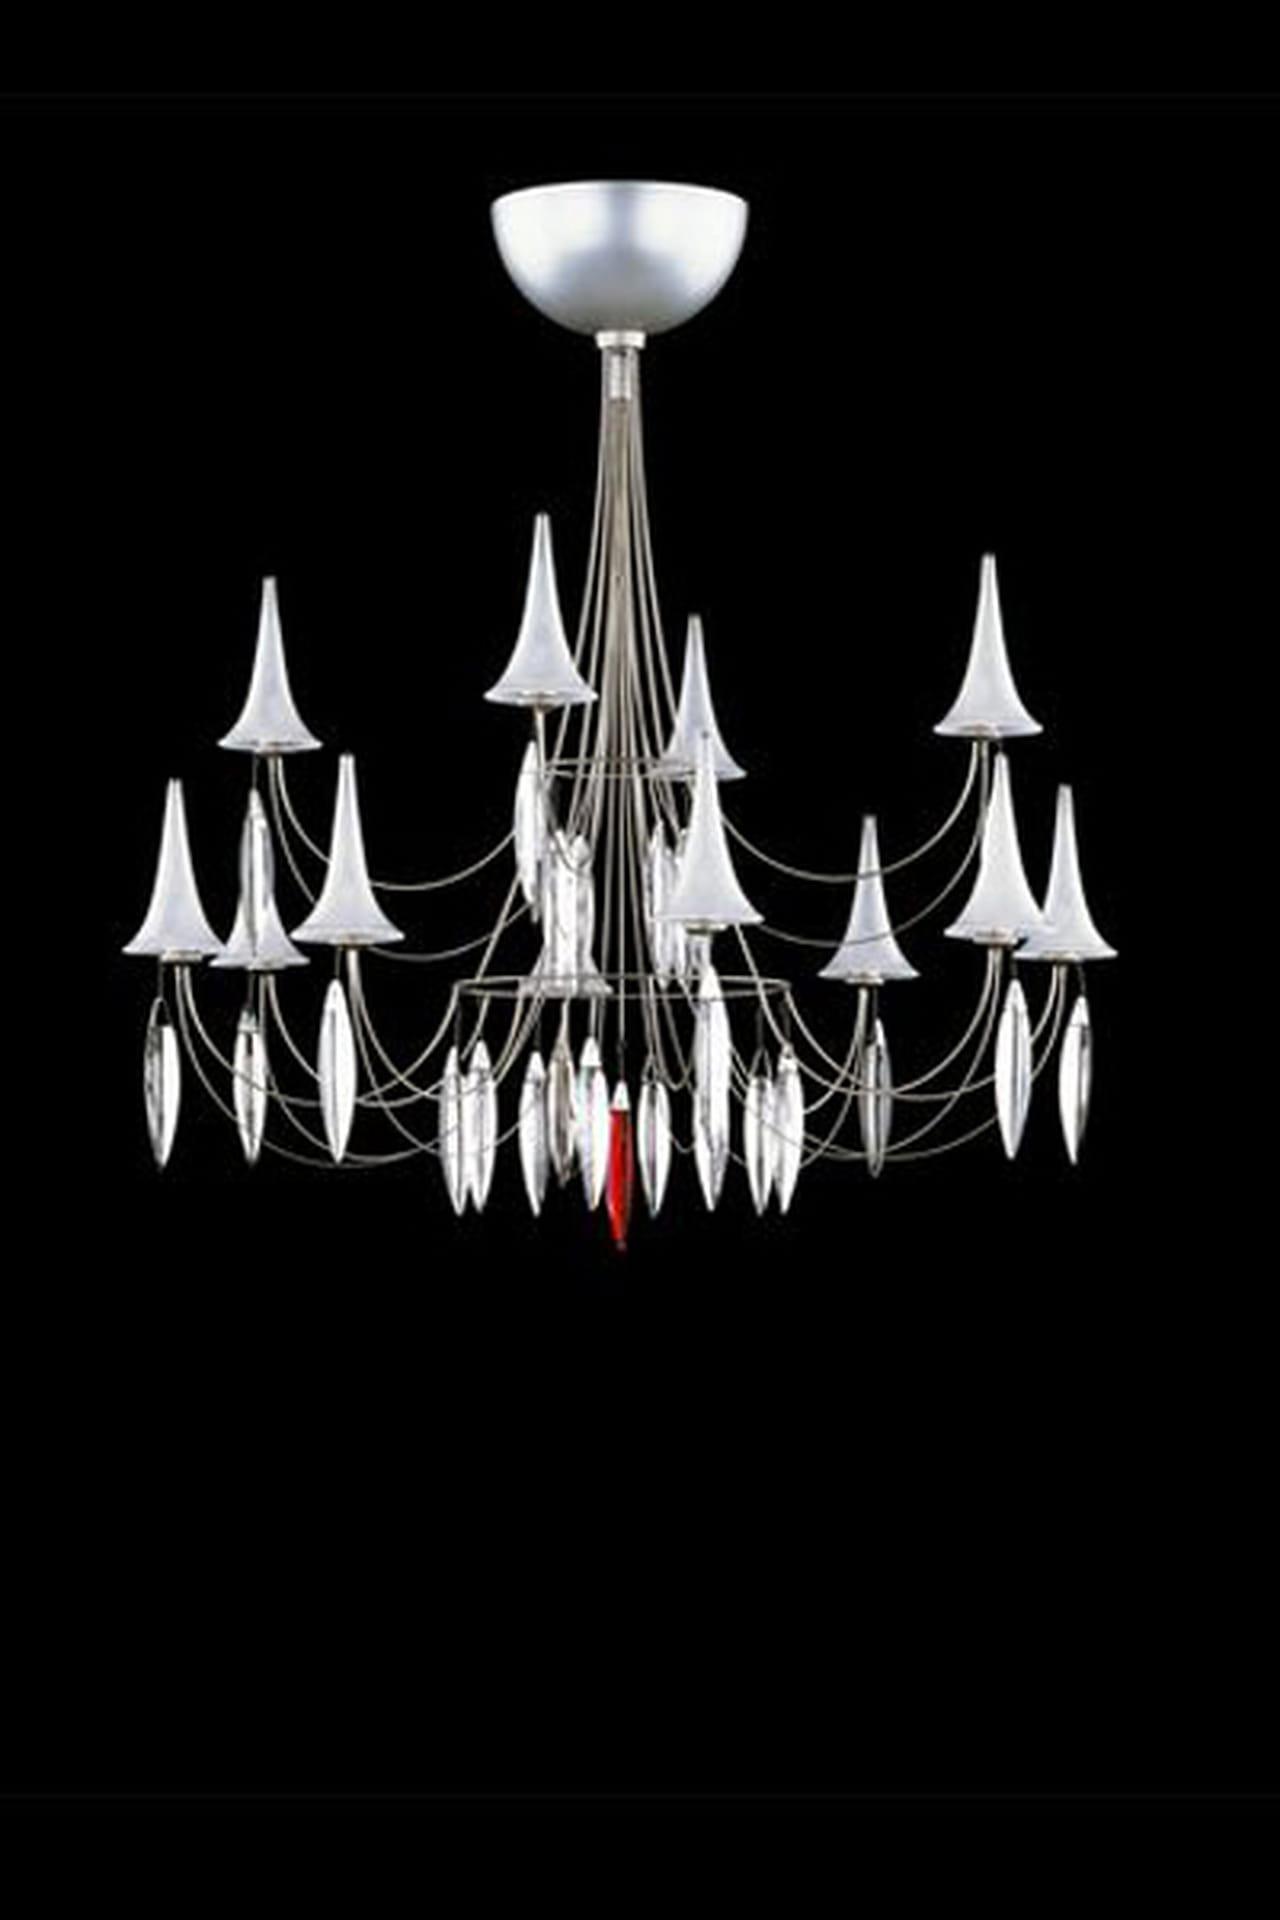 رفاهية ديكورات عيد الفطر 2014 فى تصميمات نجف وثريات باكارا baccarat